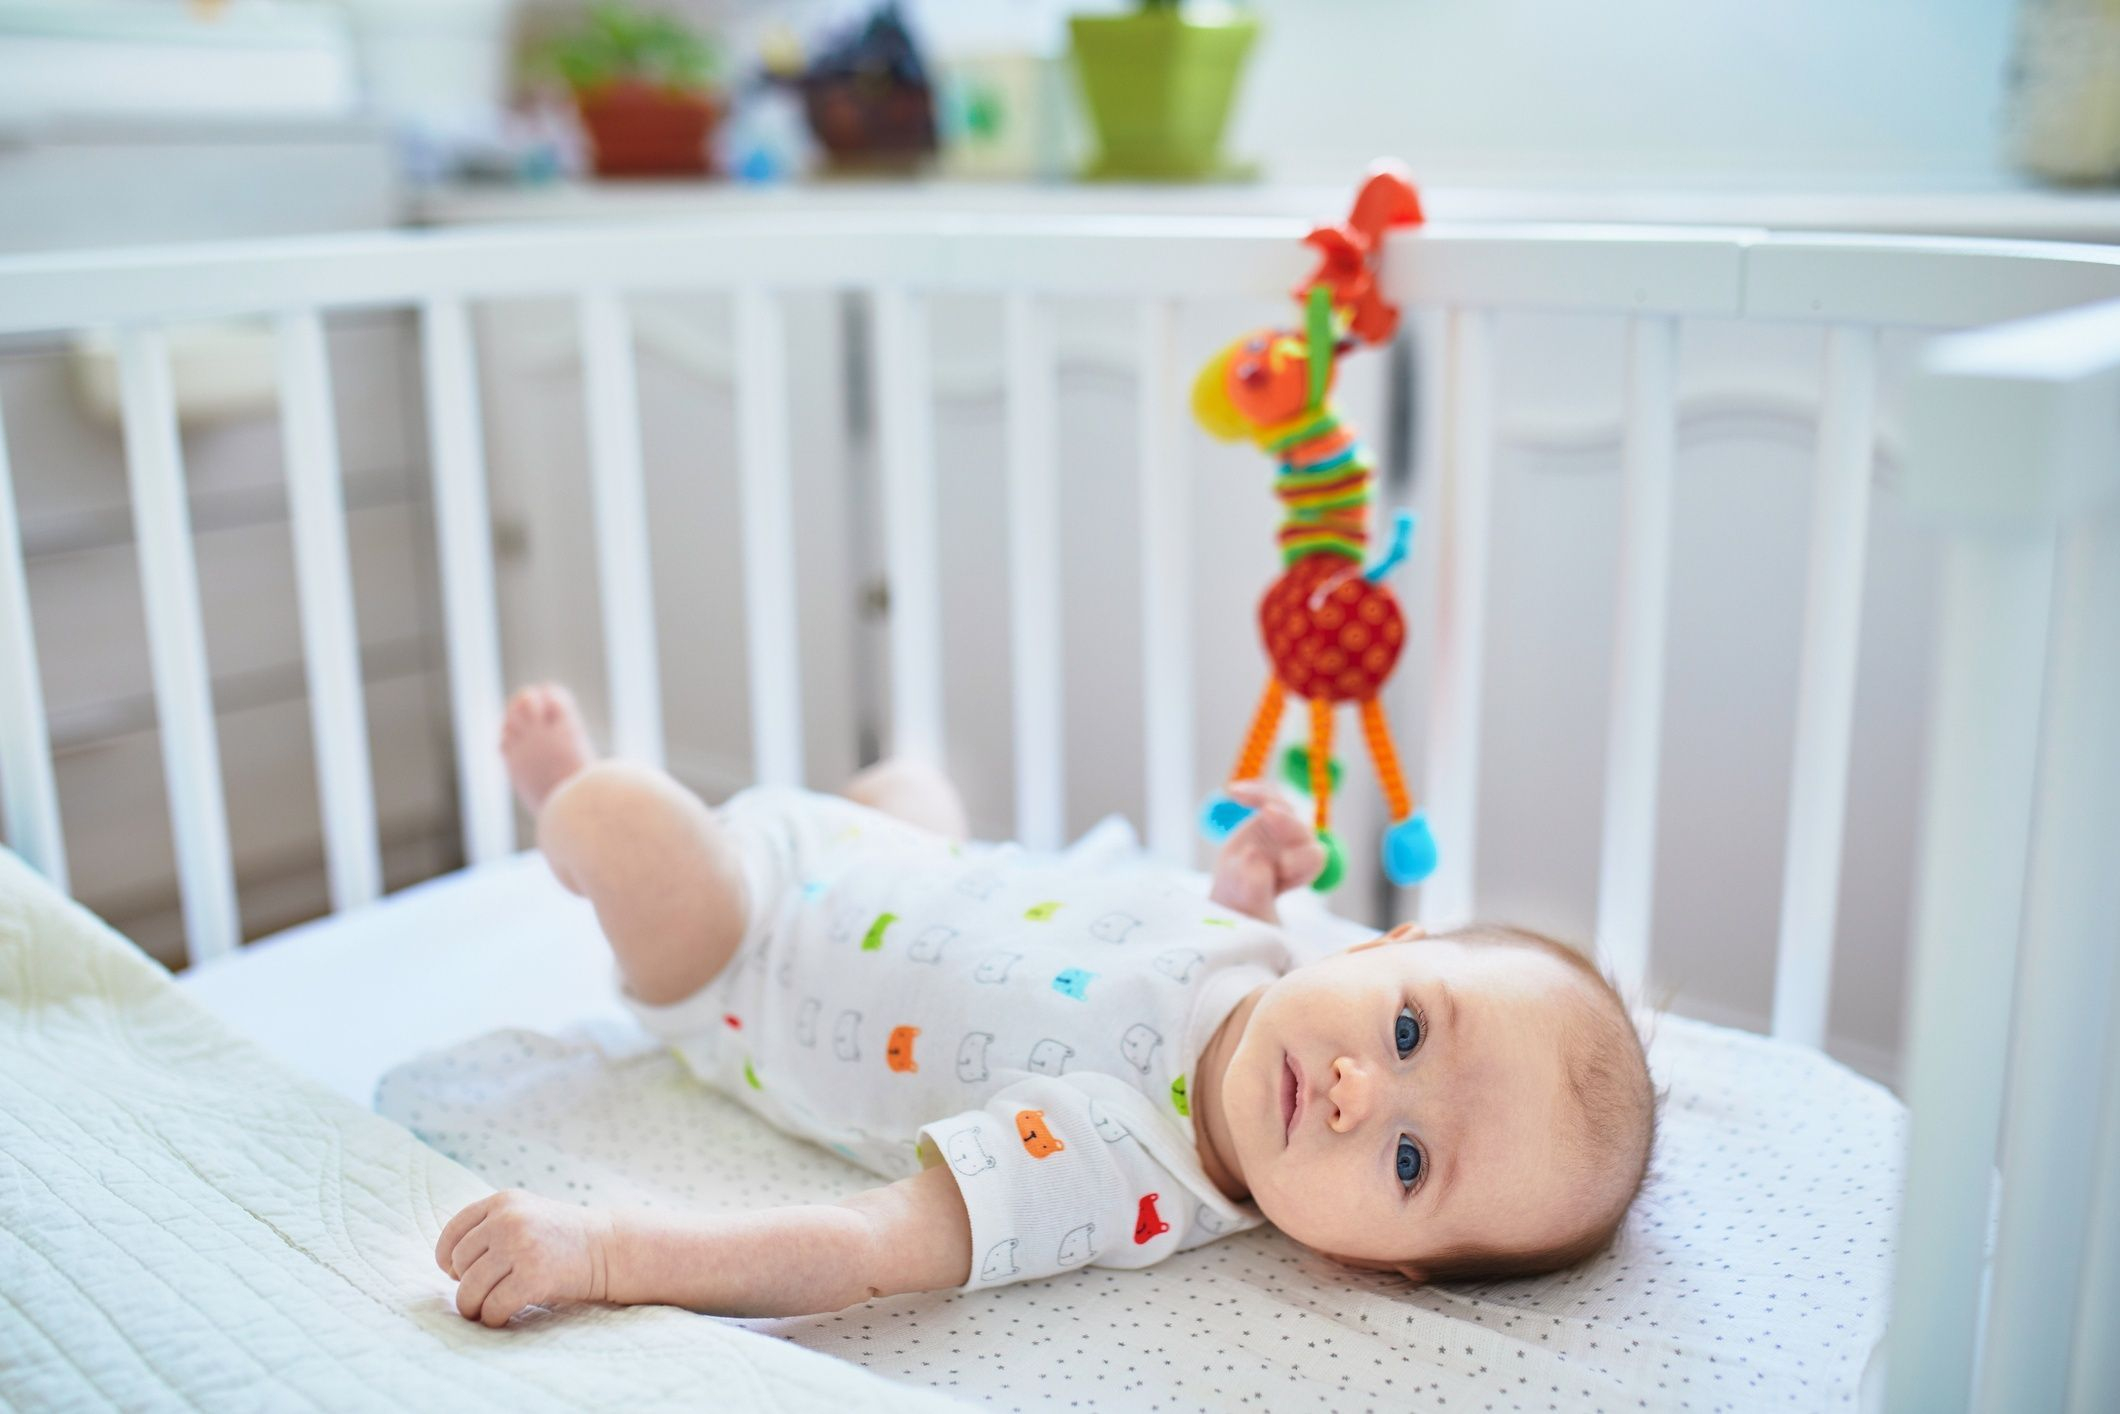 Quels Jeux Et Jouets D'éveil Pour Bébé ? - Doctissimo dedans Jeux Bebe 3 Ans